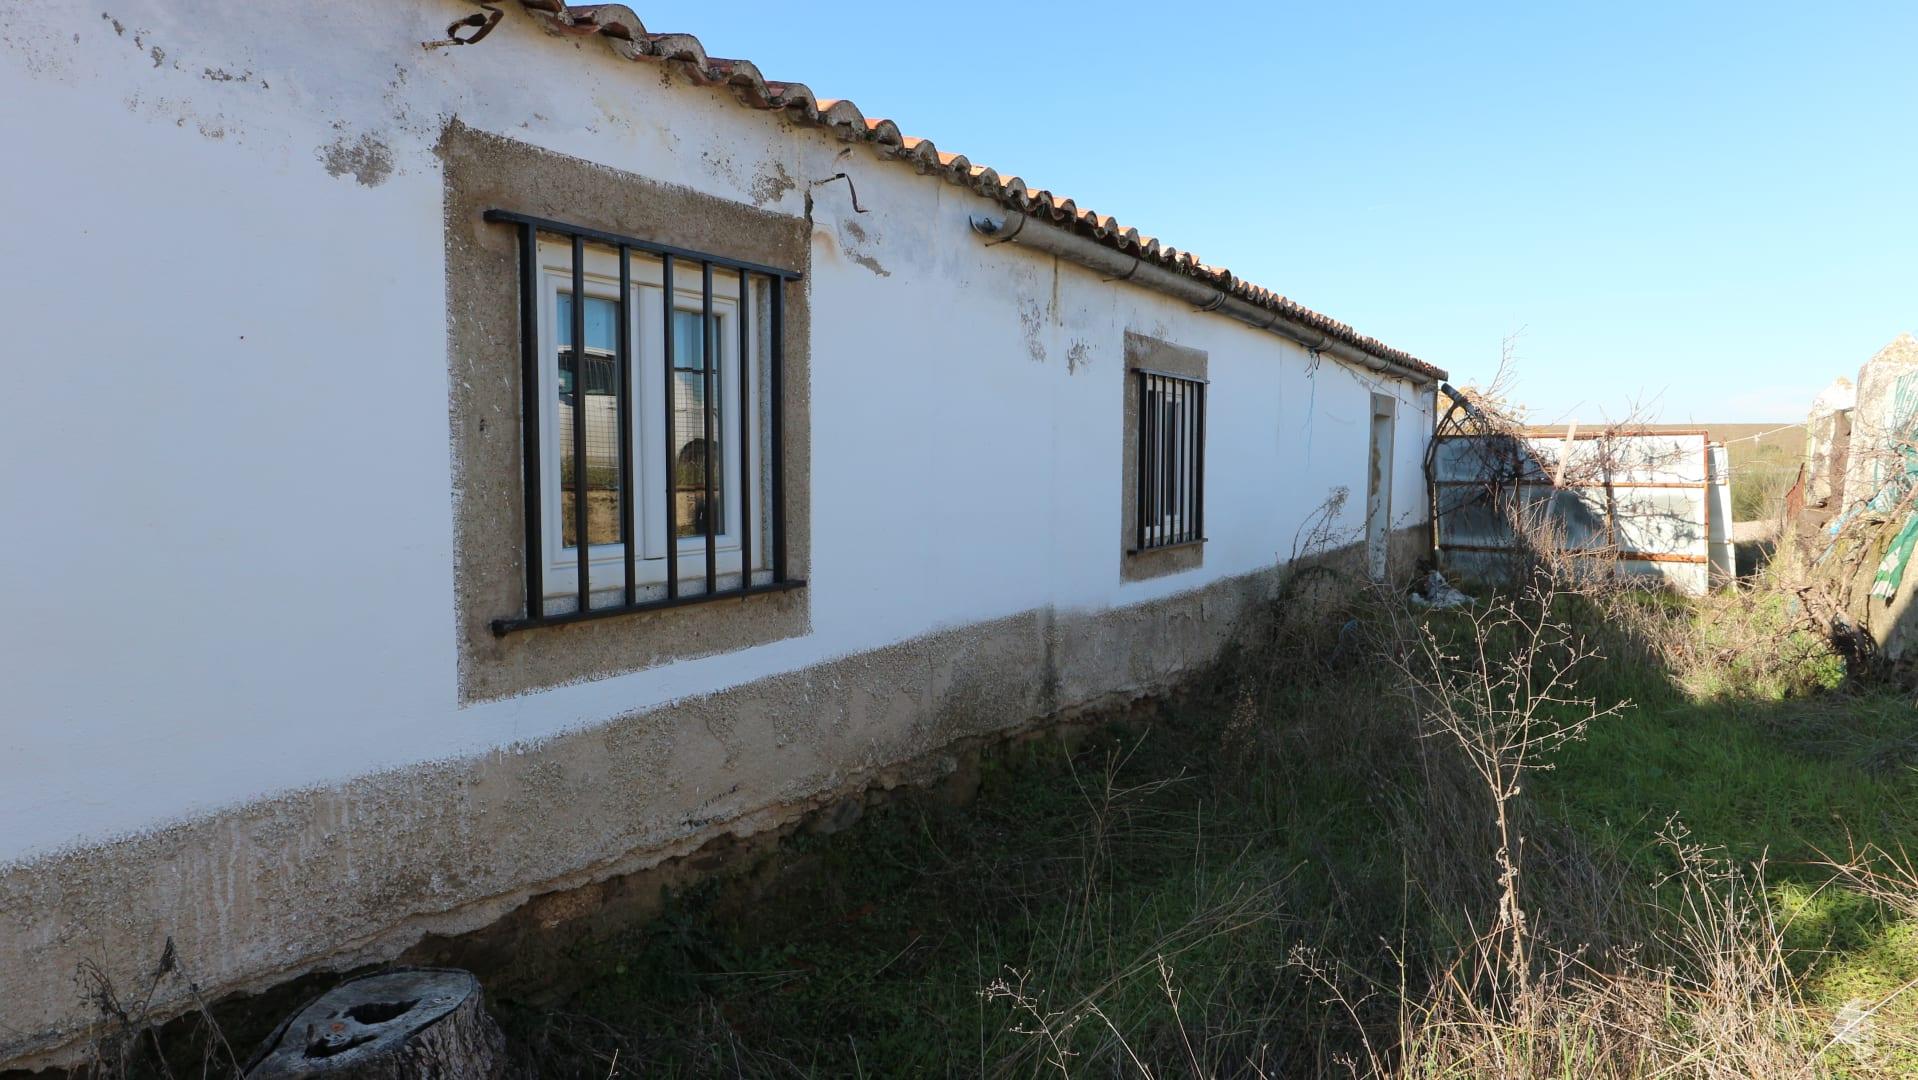 Casa en venta en Trujillo, Trujillo, Cáceres, Calle Dehesa Albuera, 21.800 €, 2 habitaciones, 1 baño, 70 m2